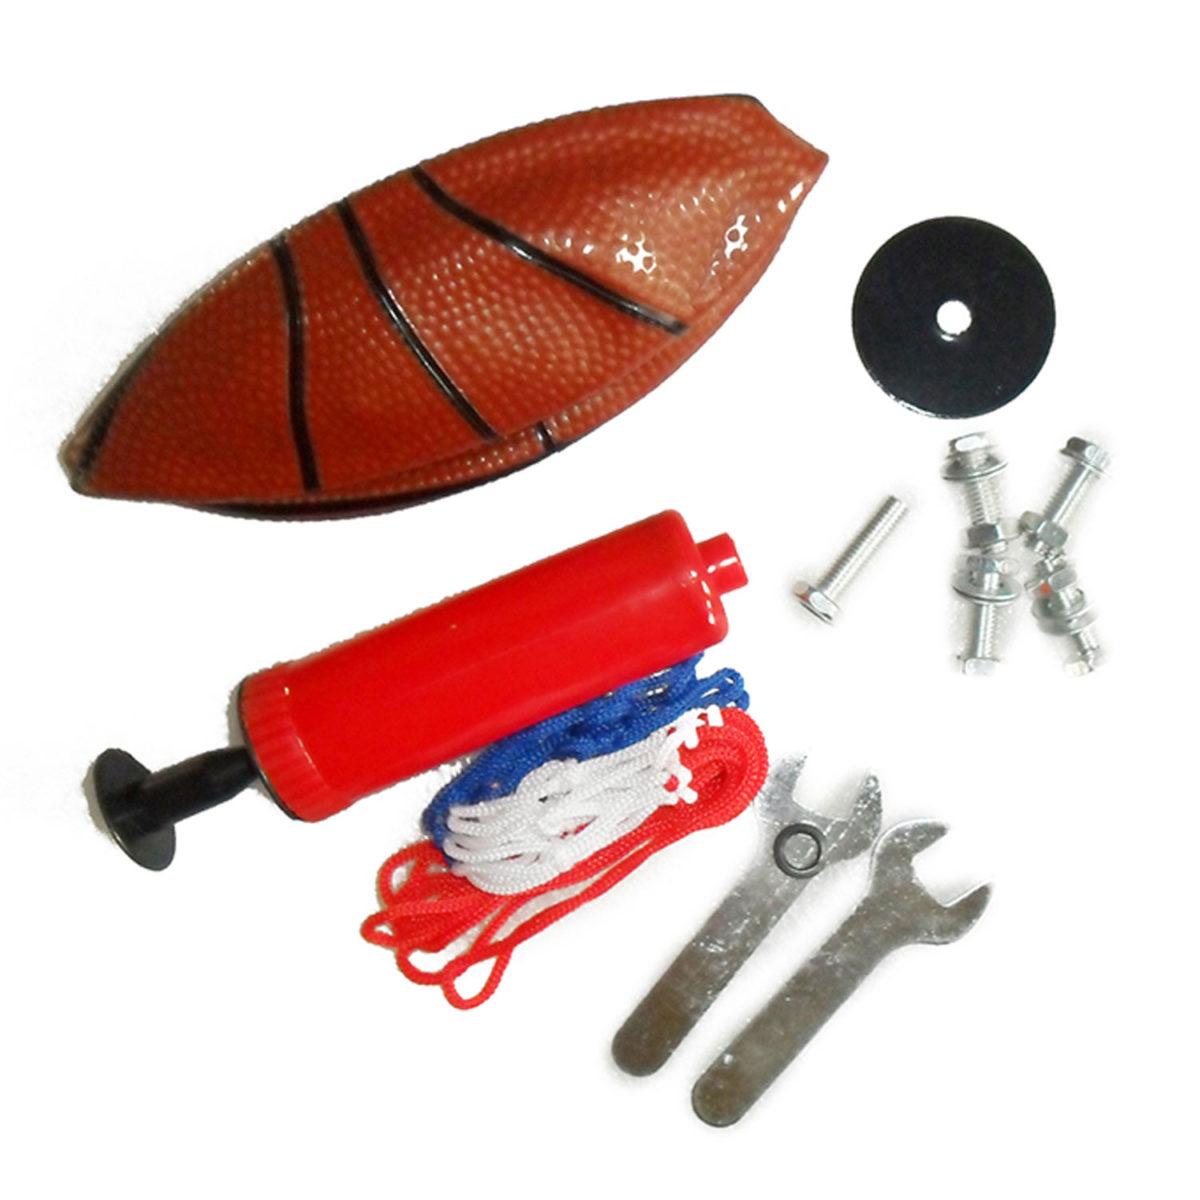 DFC Мобильная баскетбольная стойка  KIDS1 - 4